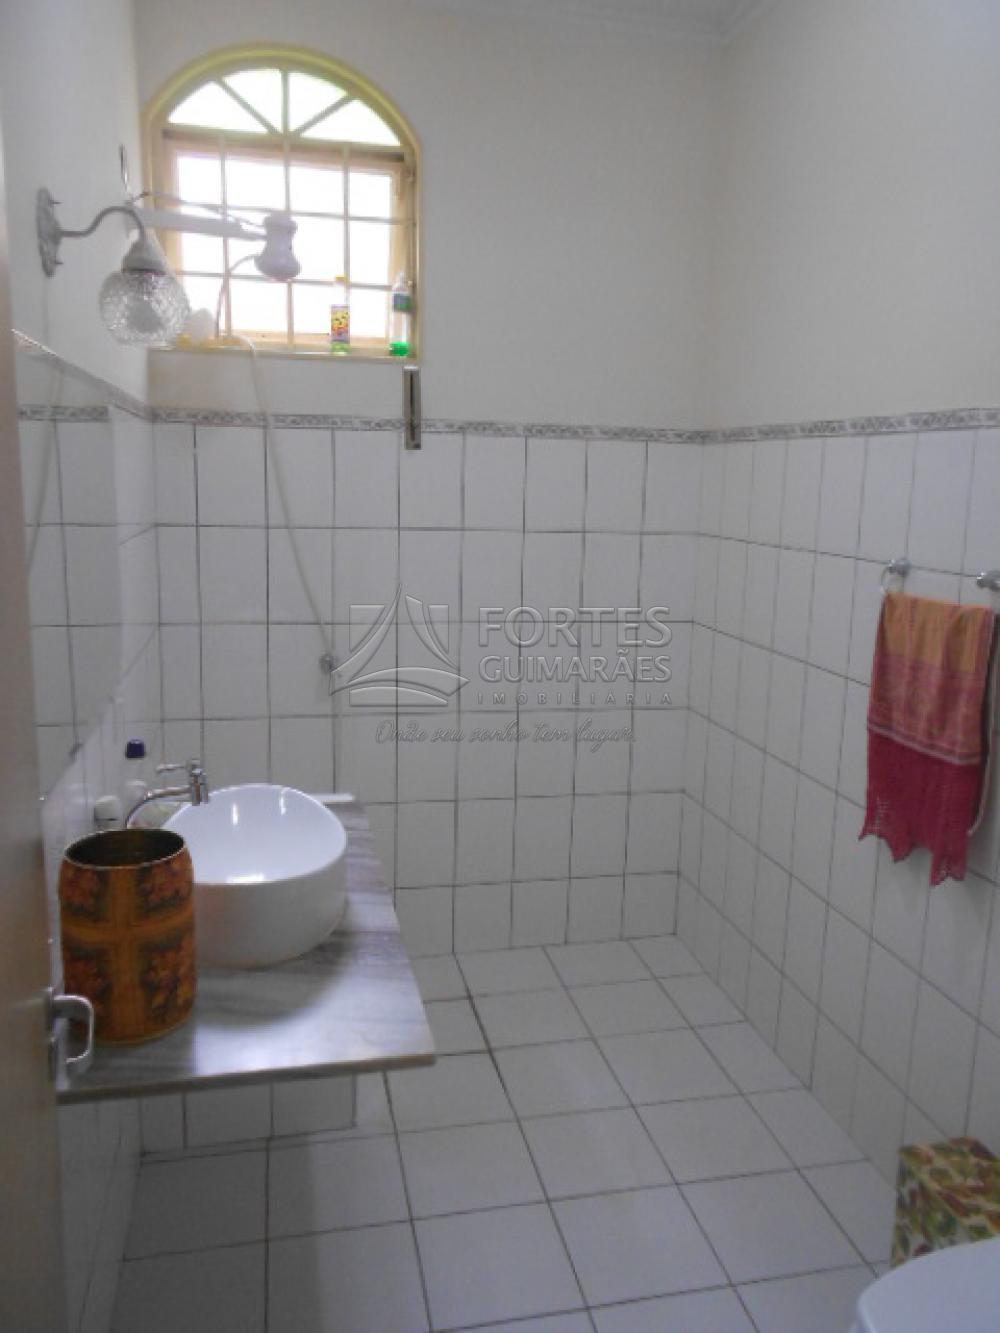 Alugar Comercial / Imóvel Comercial em Ribeirão Preto apenas R$ 3.000,00 - Foto 48